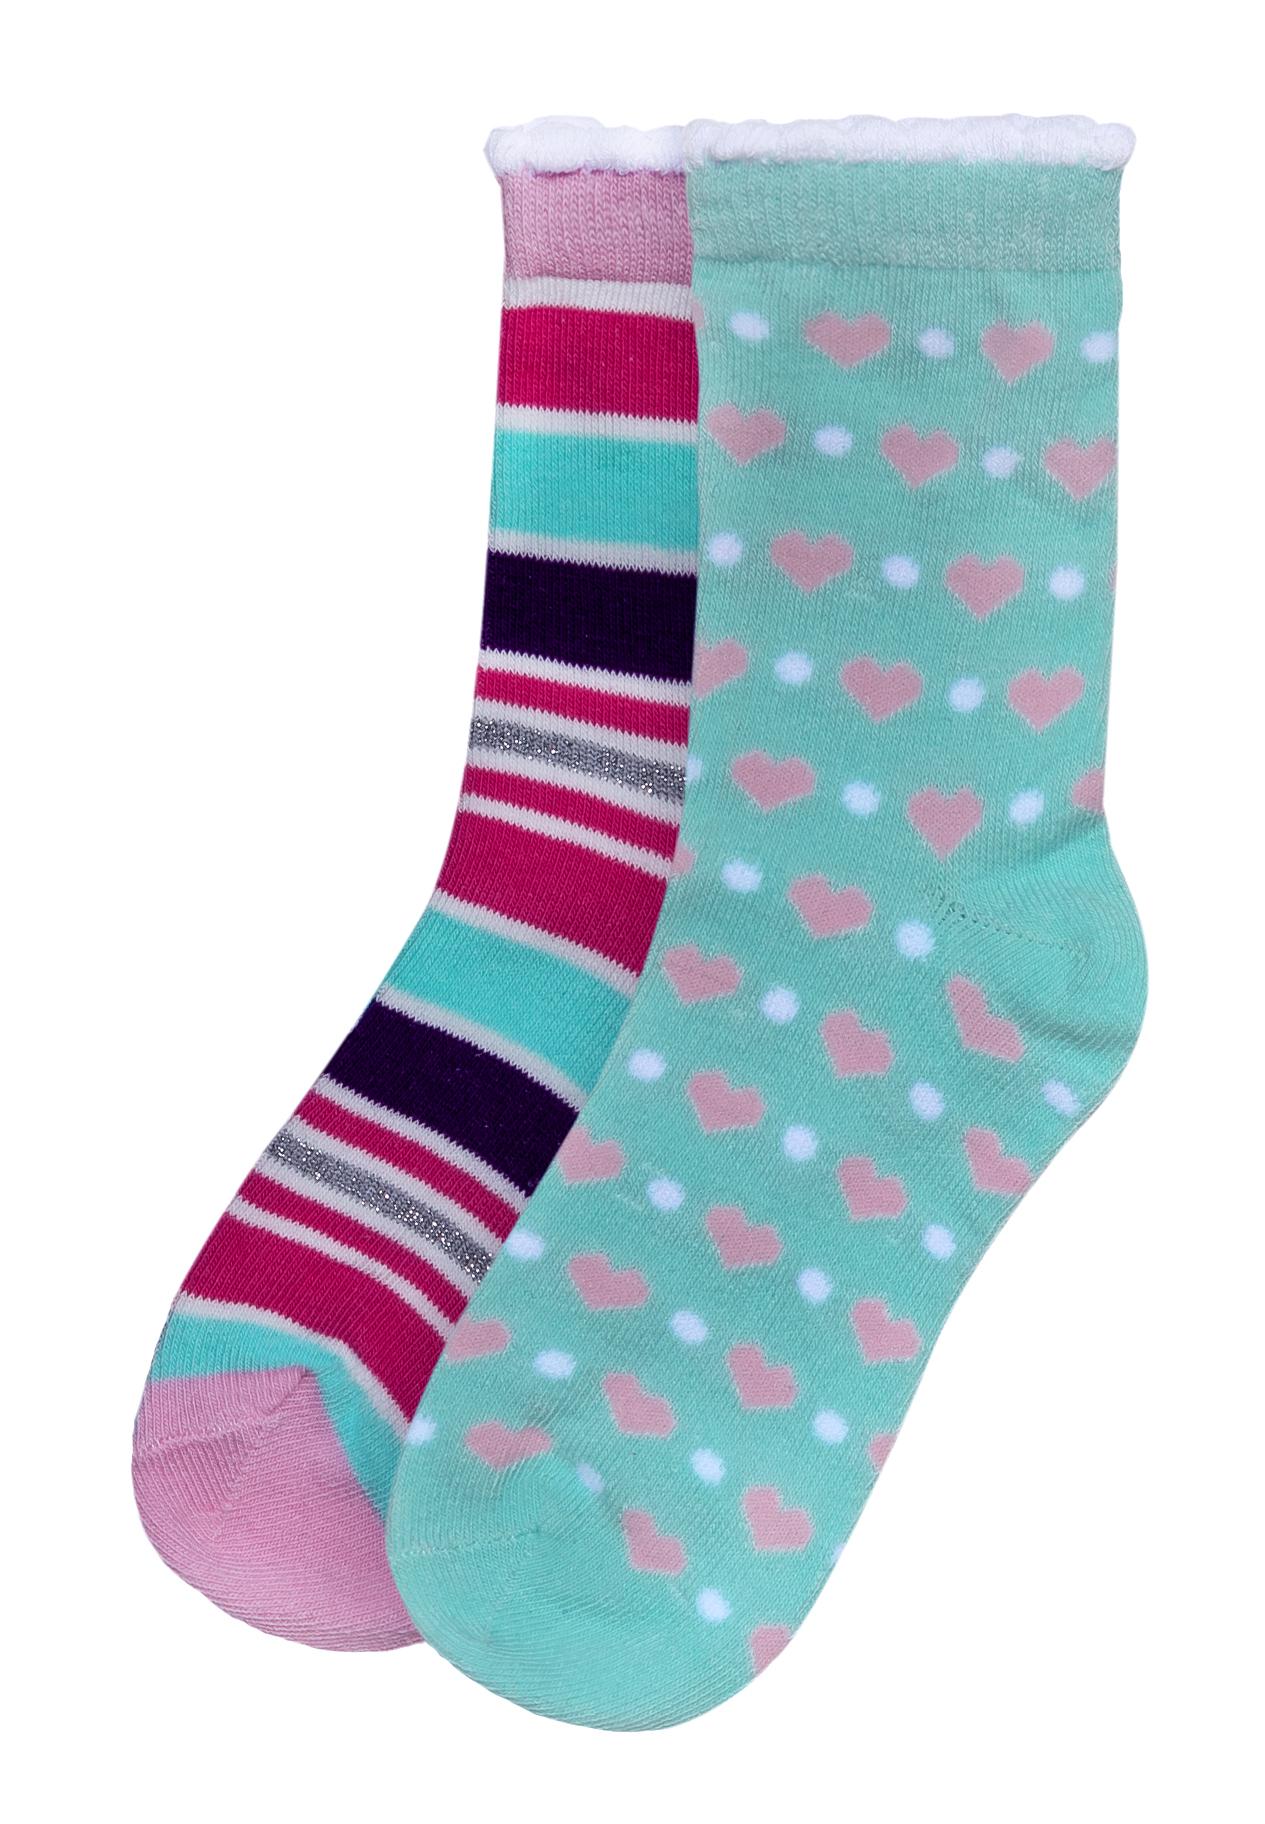 Носки Barkito Носки для девочки, комплект 2 пары, Barkito, розовые/бирюзовые комплект маек цветы для девочки barkito